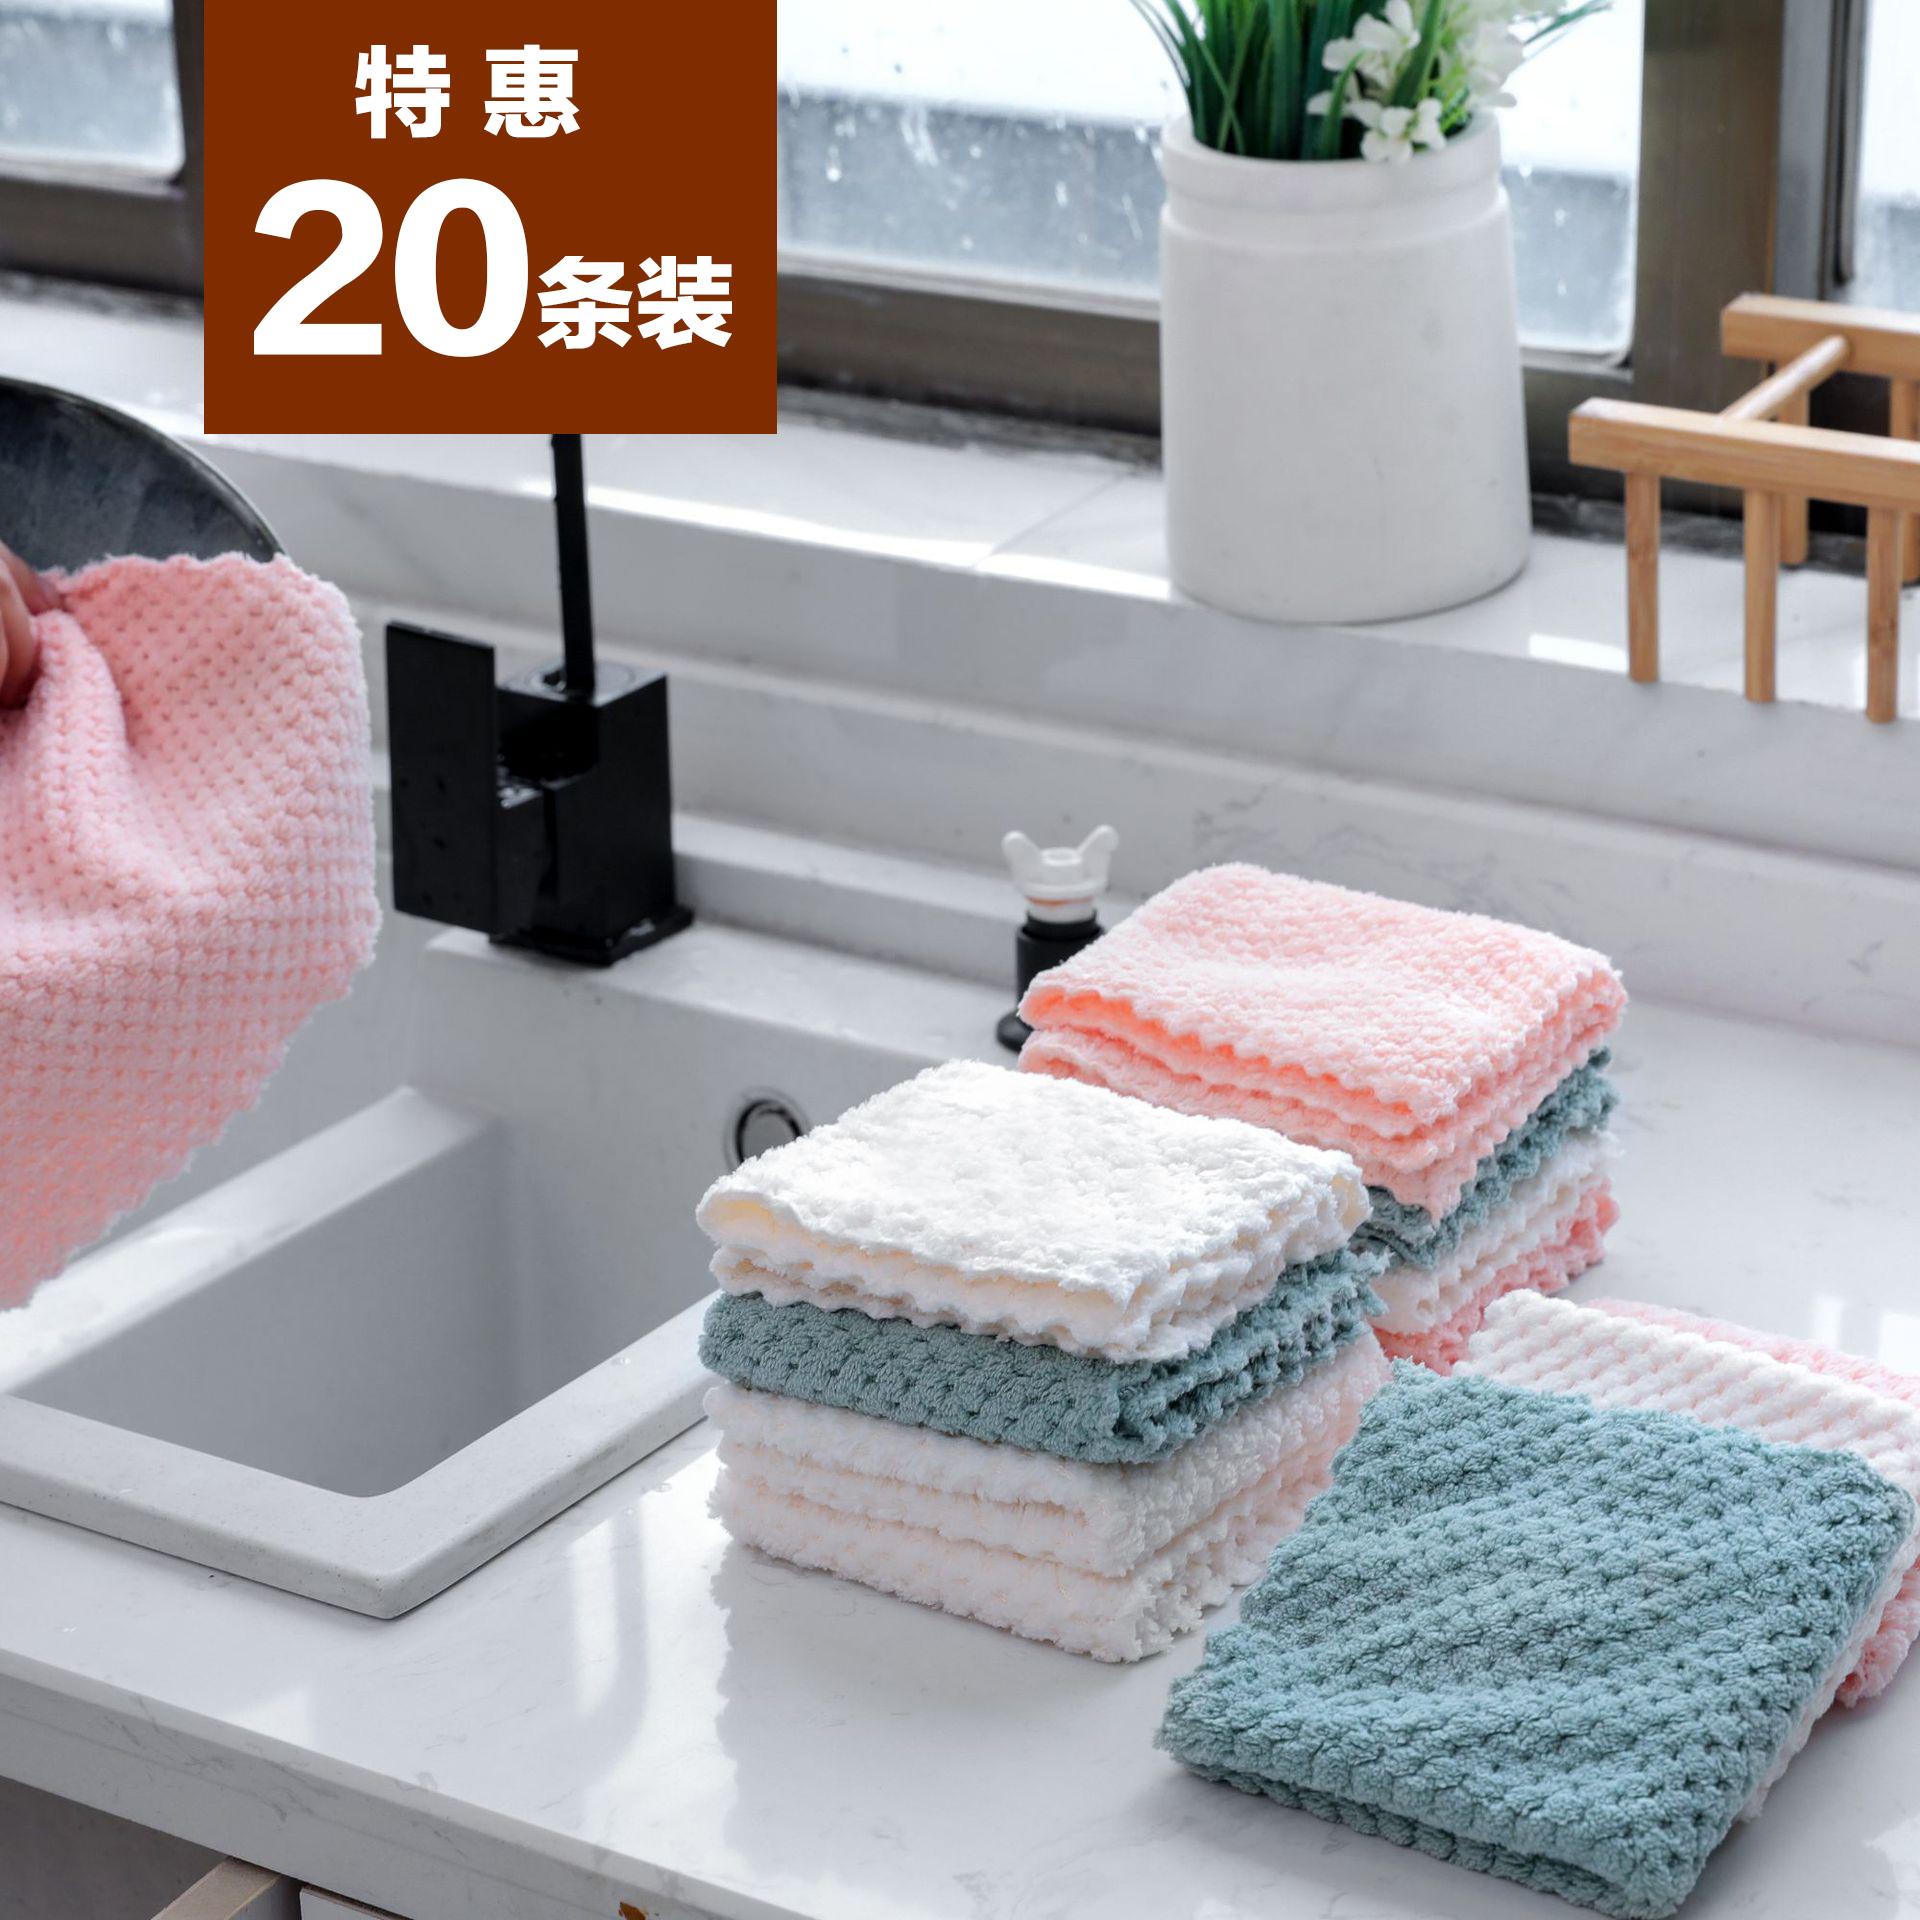 20條裝吸水毛巾 不沾油洗碗布廚房抹布不掉毛擦桌布家務清潔神器